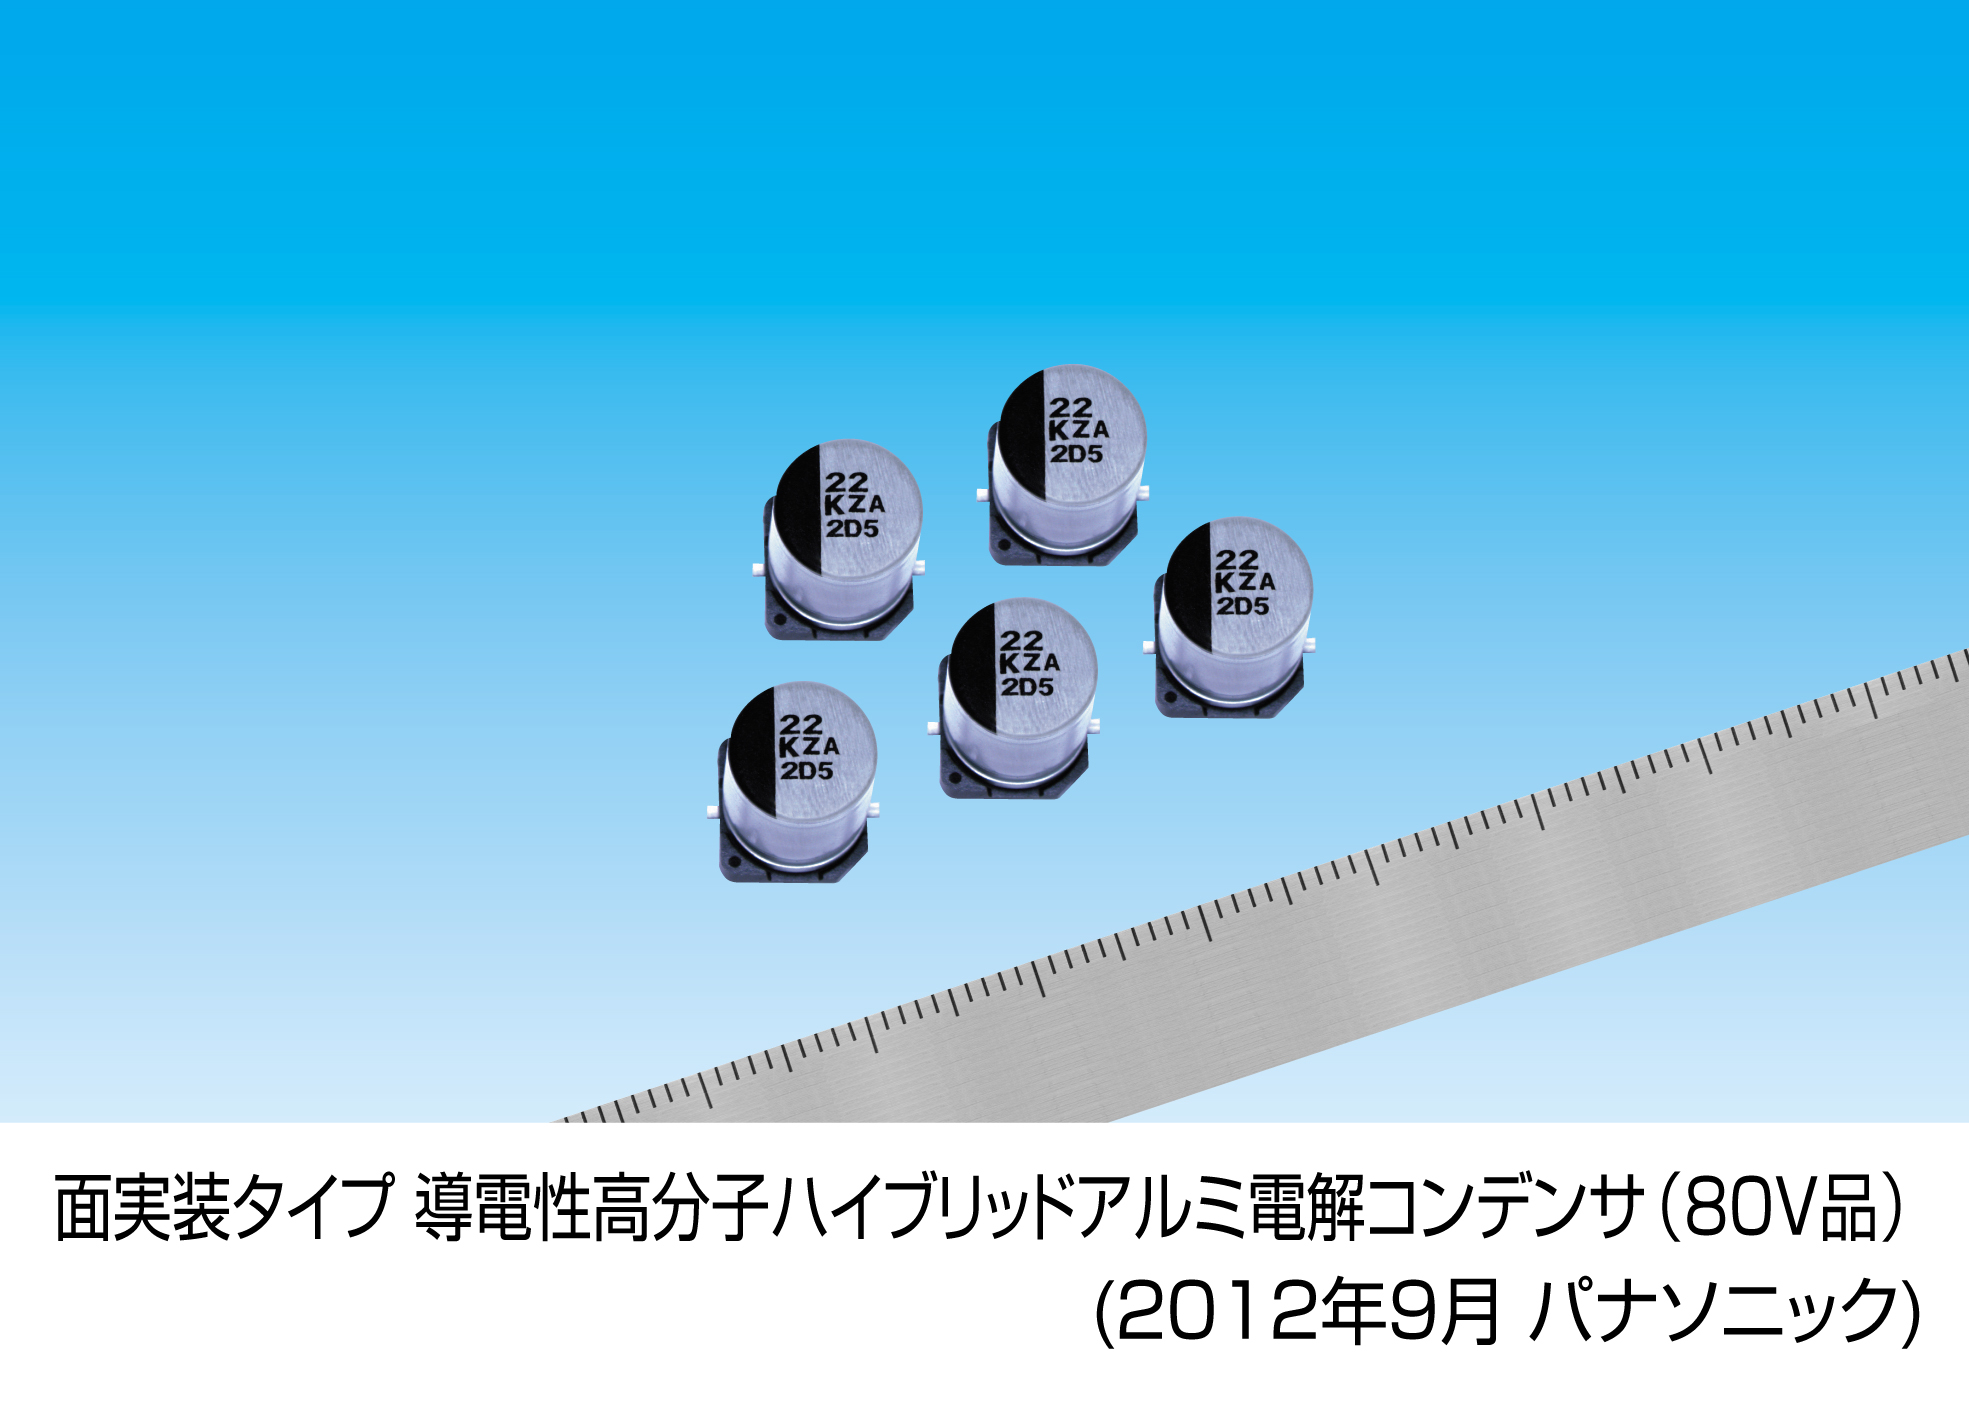 「導電性高分子ハイブリッドアルミ電解コンデンサ」(80V品)